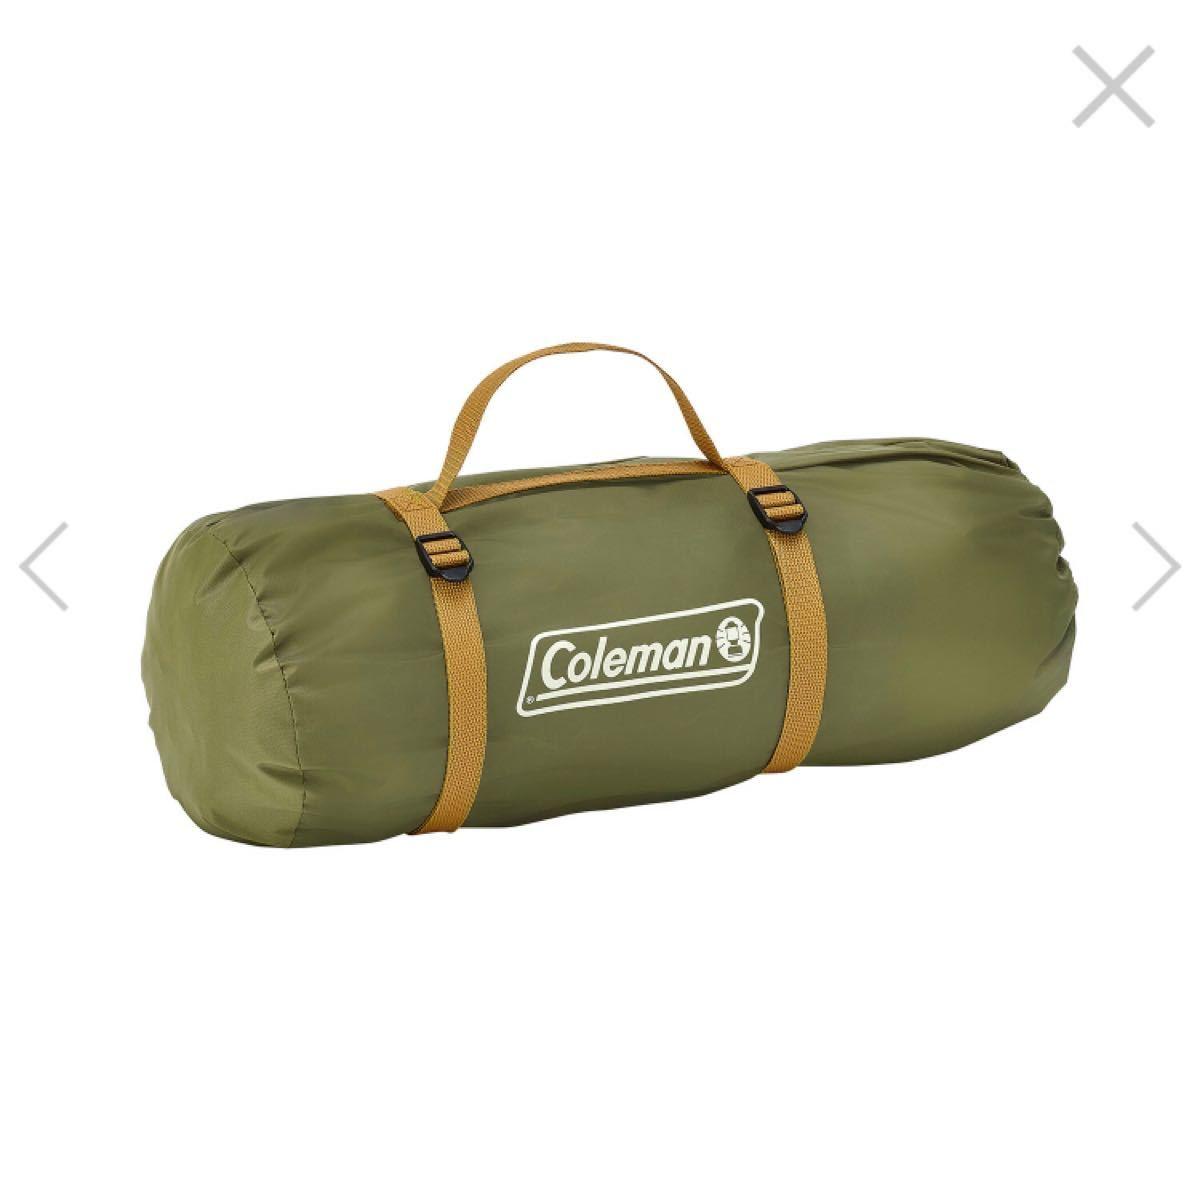 完売★新品 コールマン Coleman ツーリングドームST ソロキャンプ 1~2人用 タープ テント snowpeak MSR